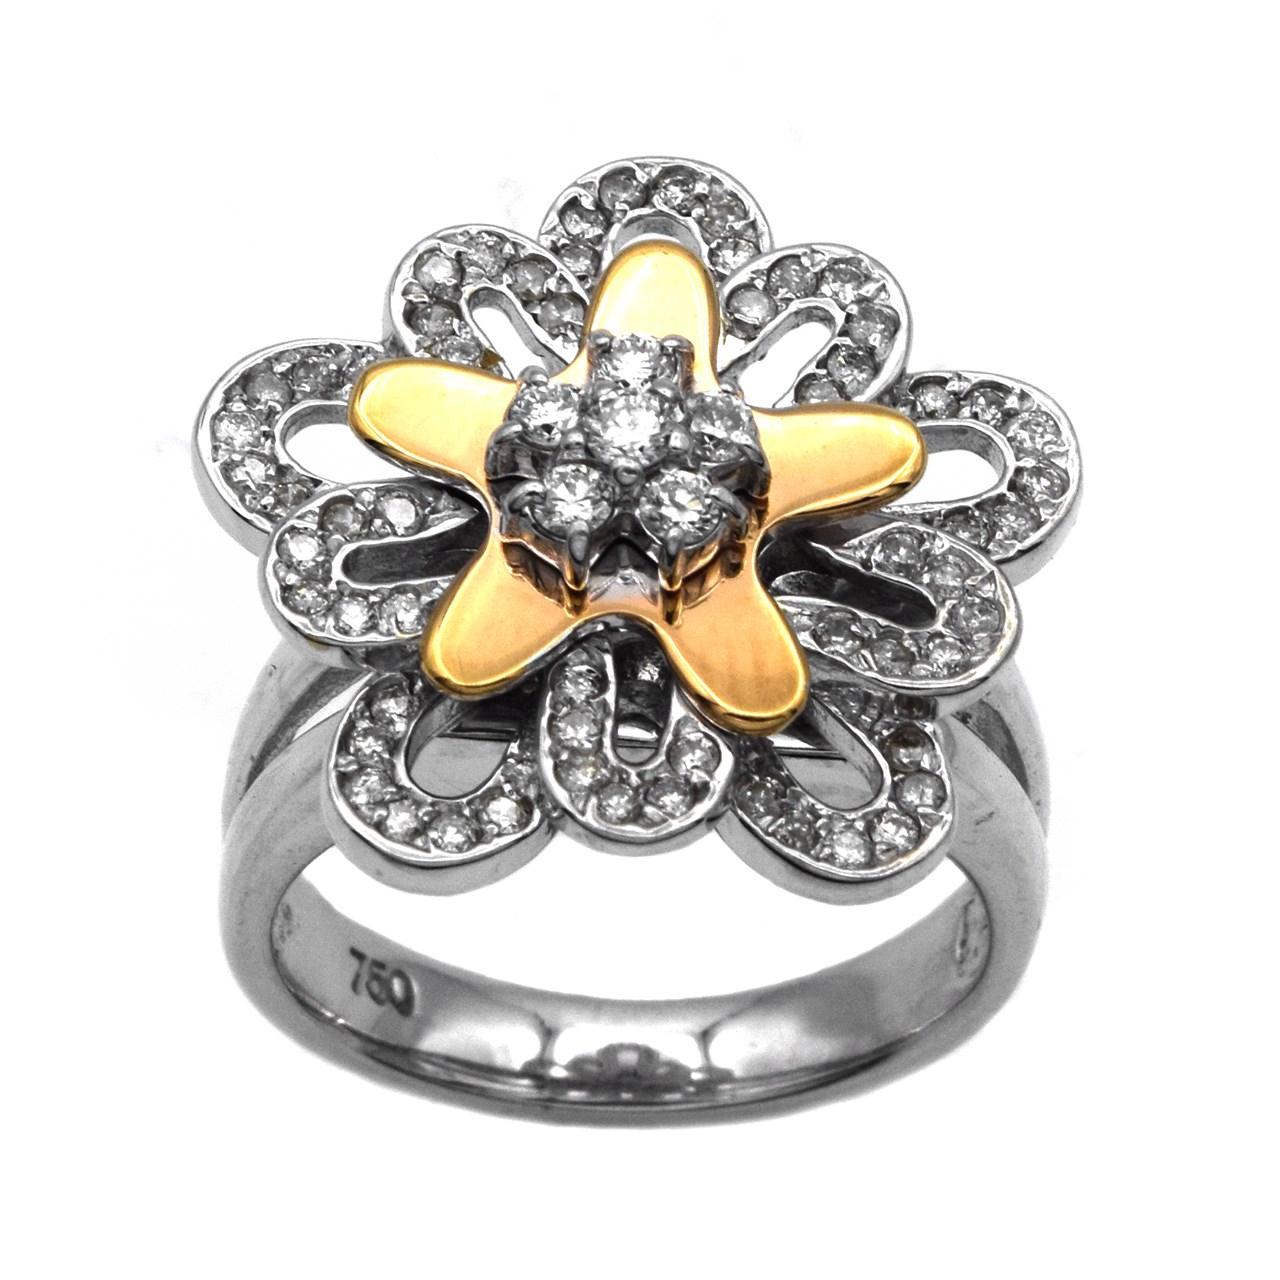 راهنمای خرید انگشتر طلا 18 عیار جواهری سون مدل 1707 لیست قیمت